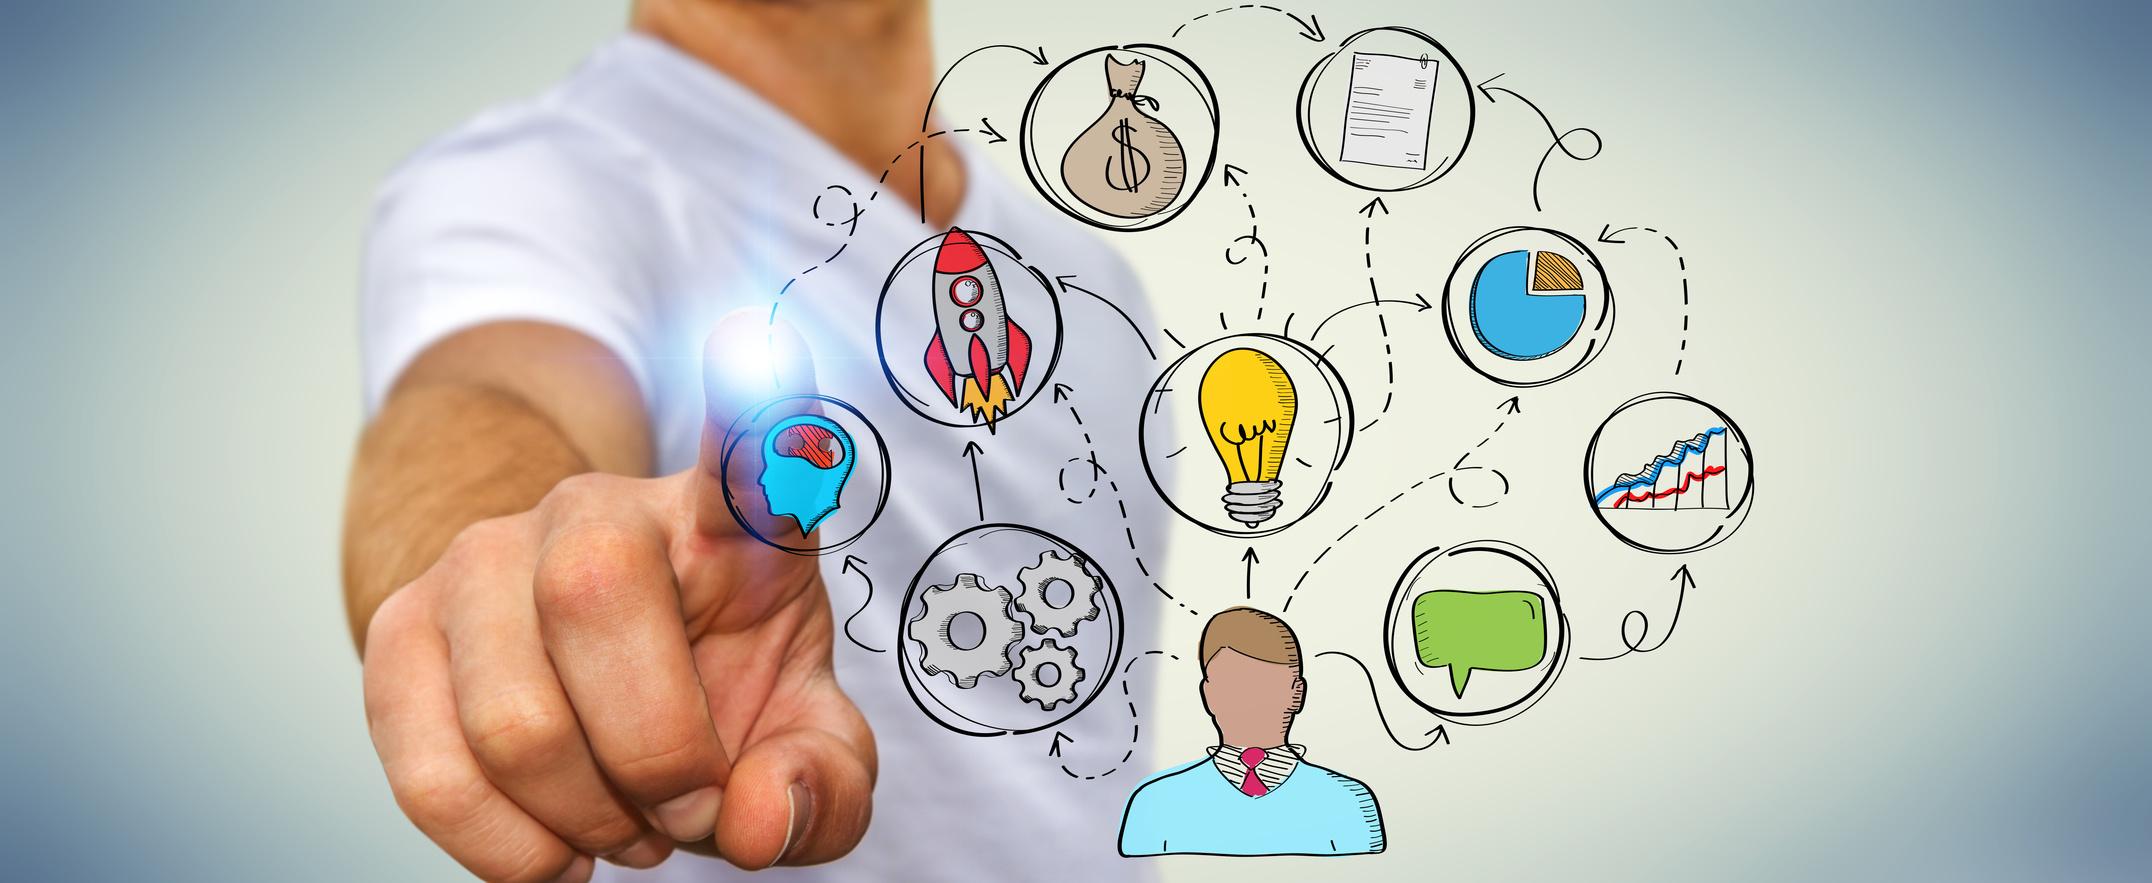 Cykl sprzedaży w MLM - blog o mlm, network marketing, marketing wielopoziomowy, marketing sieciowy